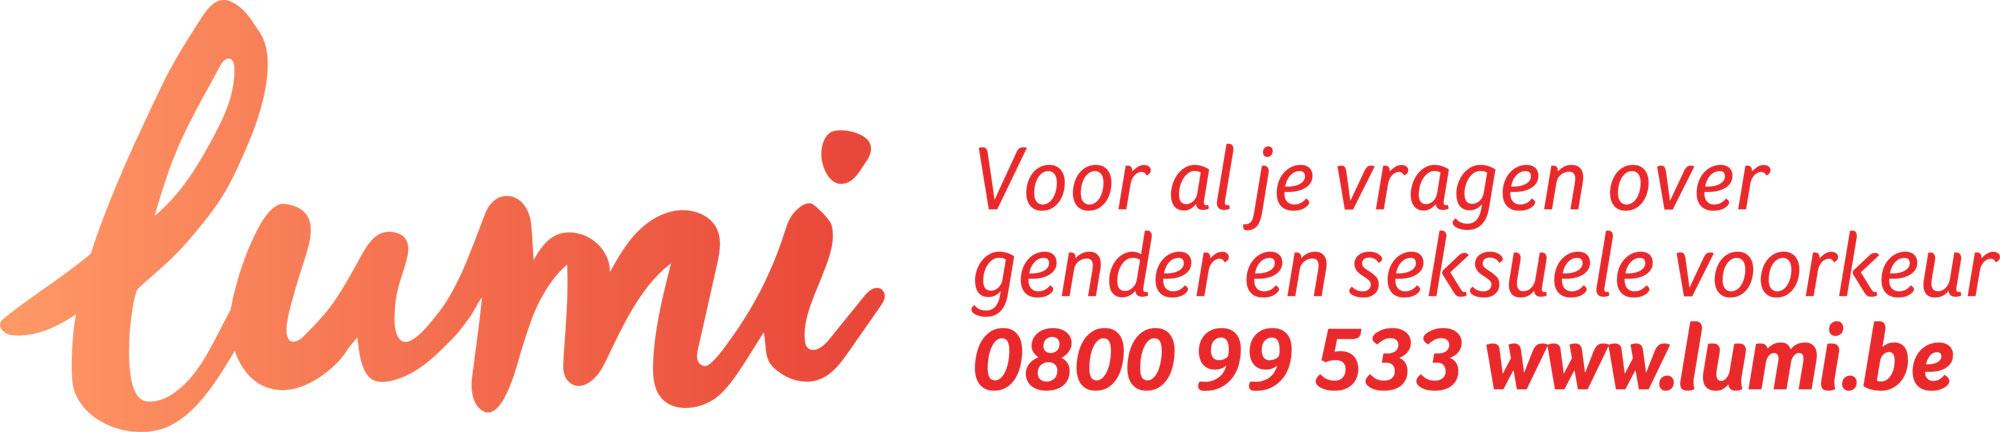 Partner logo Lumi